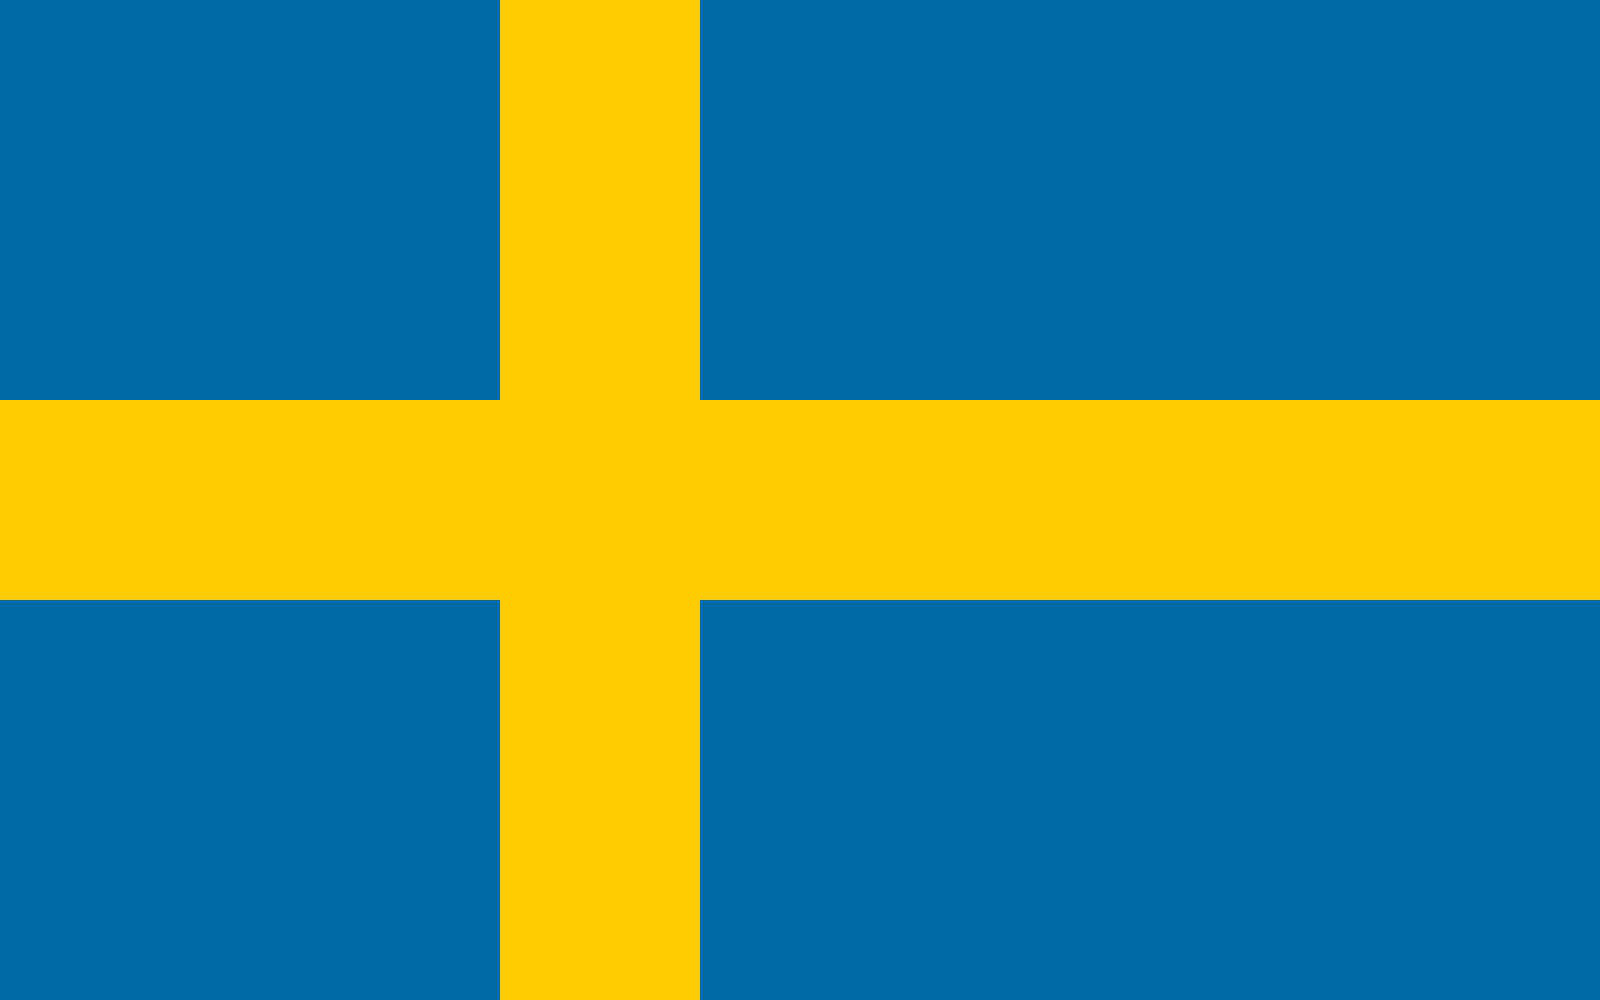 Thương vụ Việt Nam tại Thụy Điển - Ảnh 1.